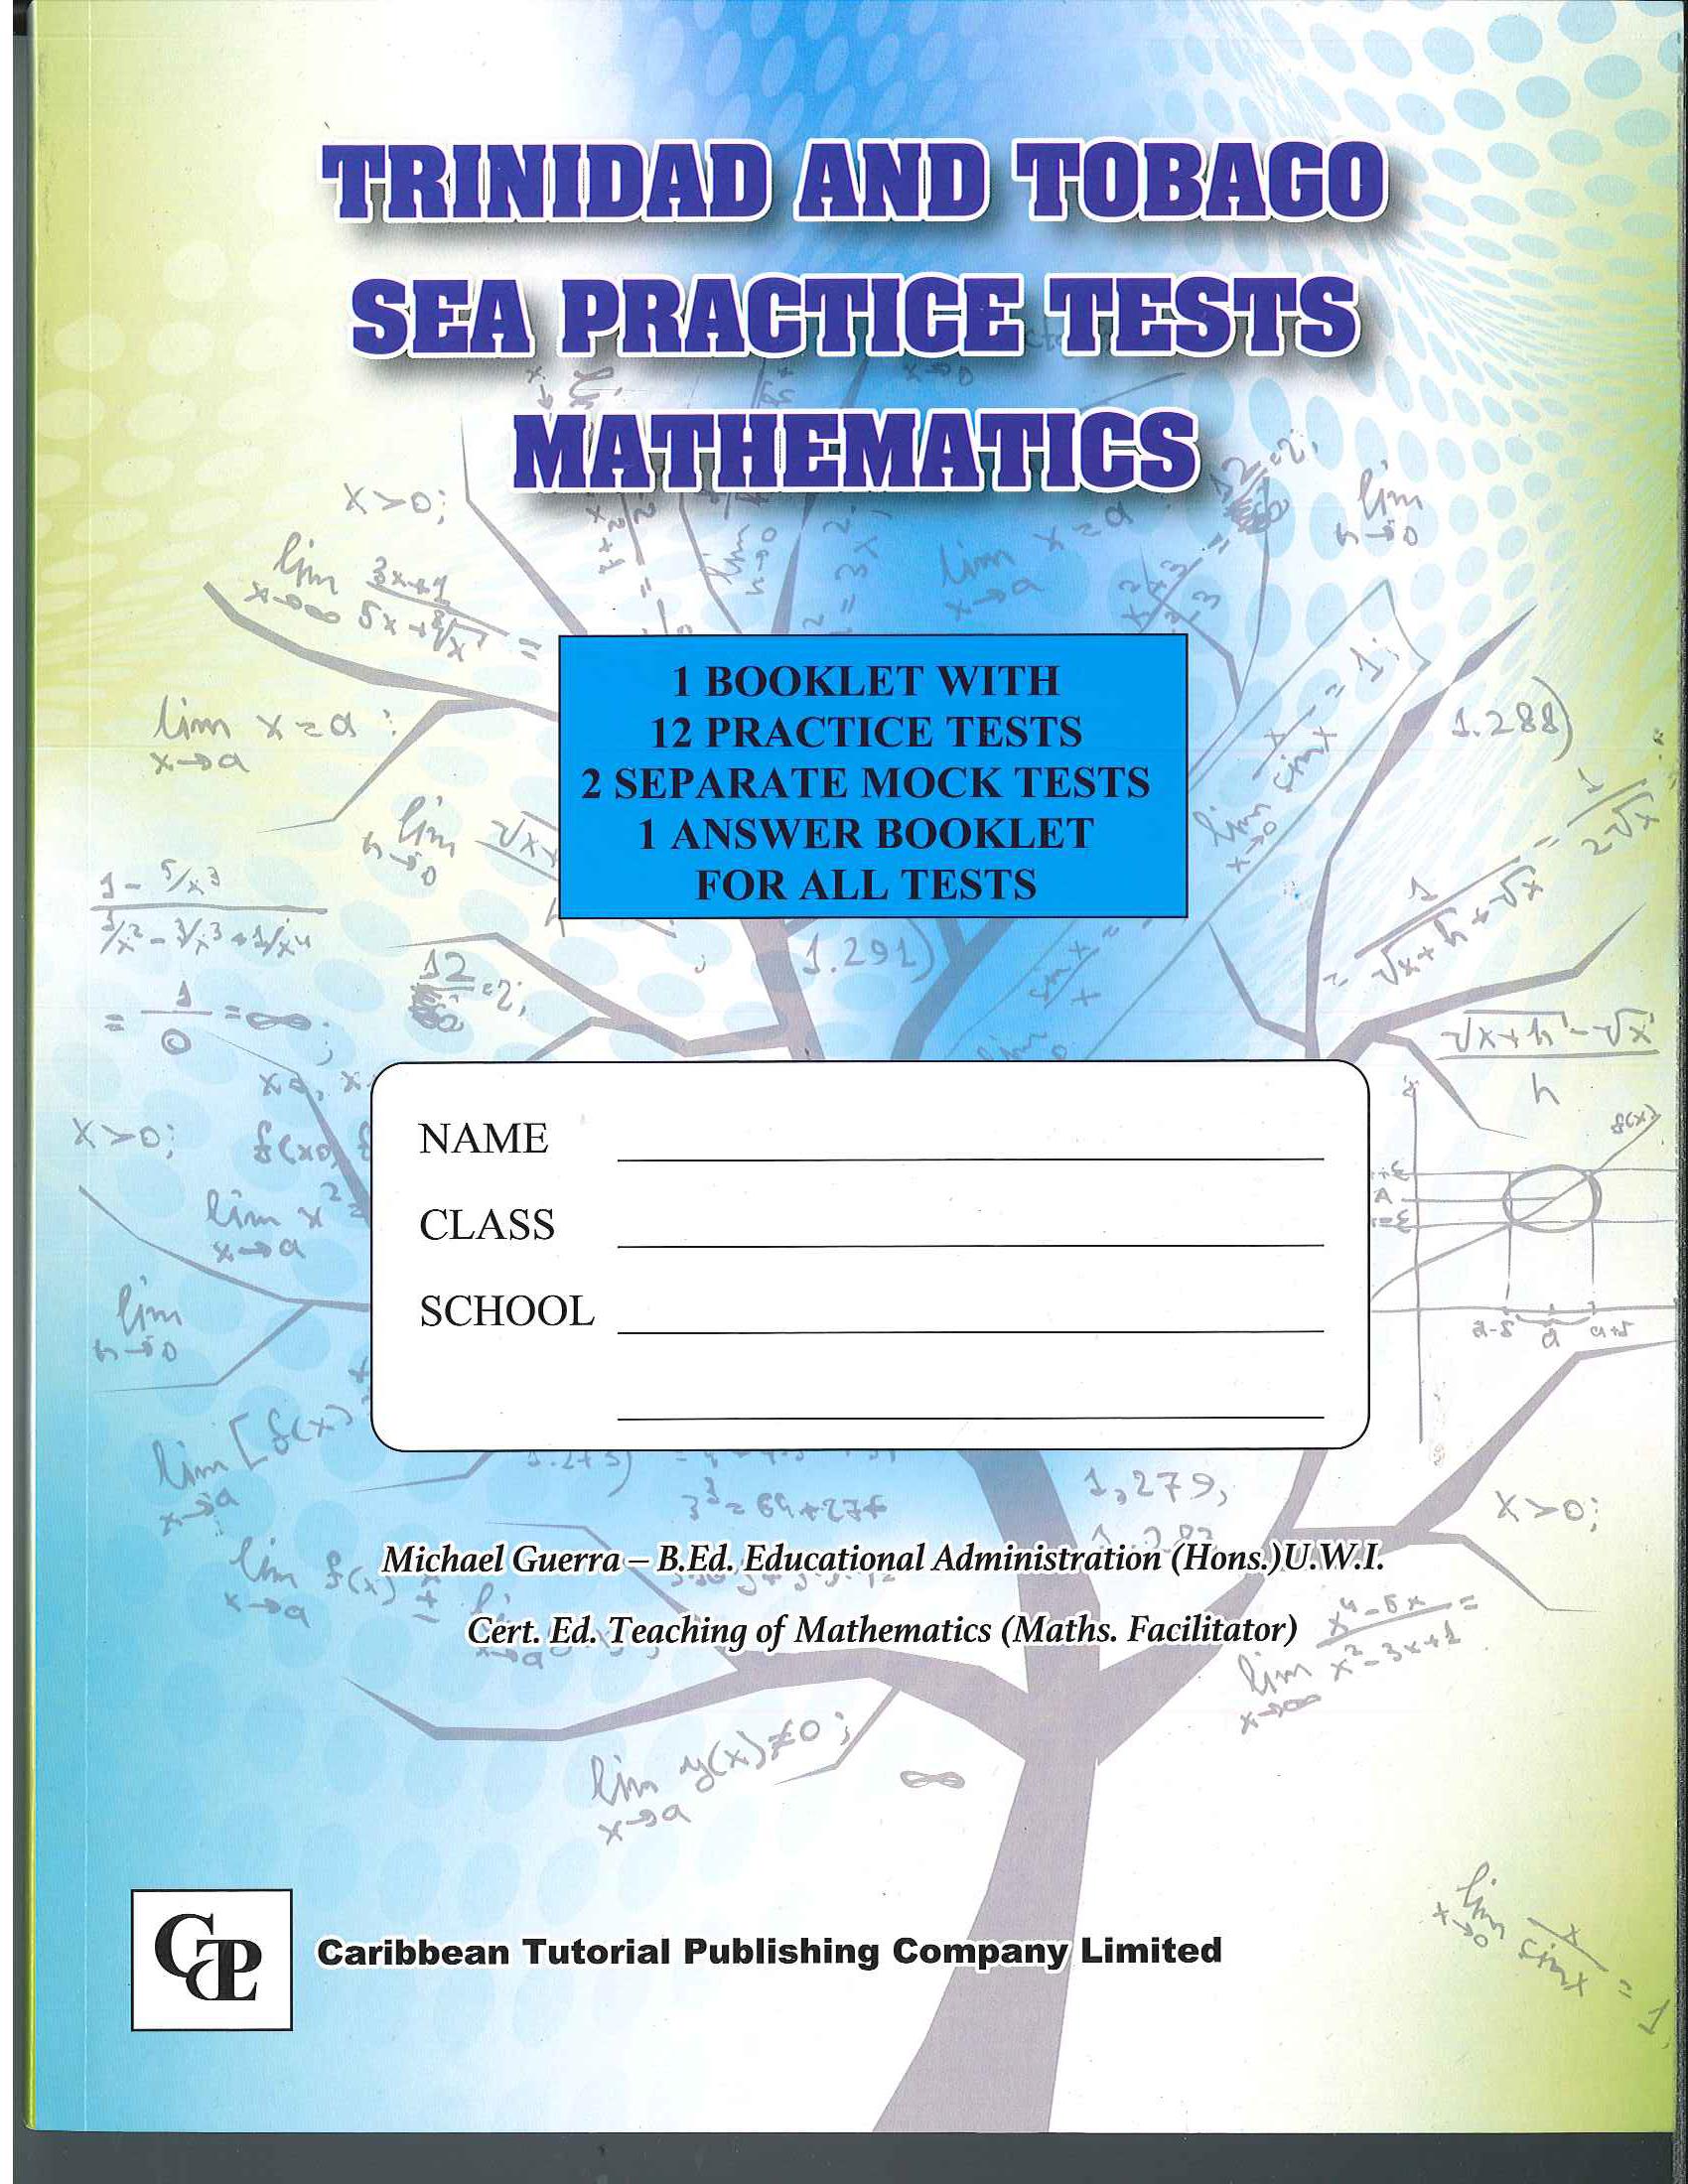 Trinidad and Tobago SEA Practice Tests Mathematics